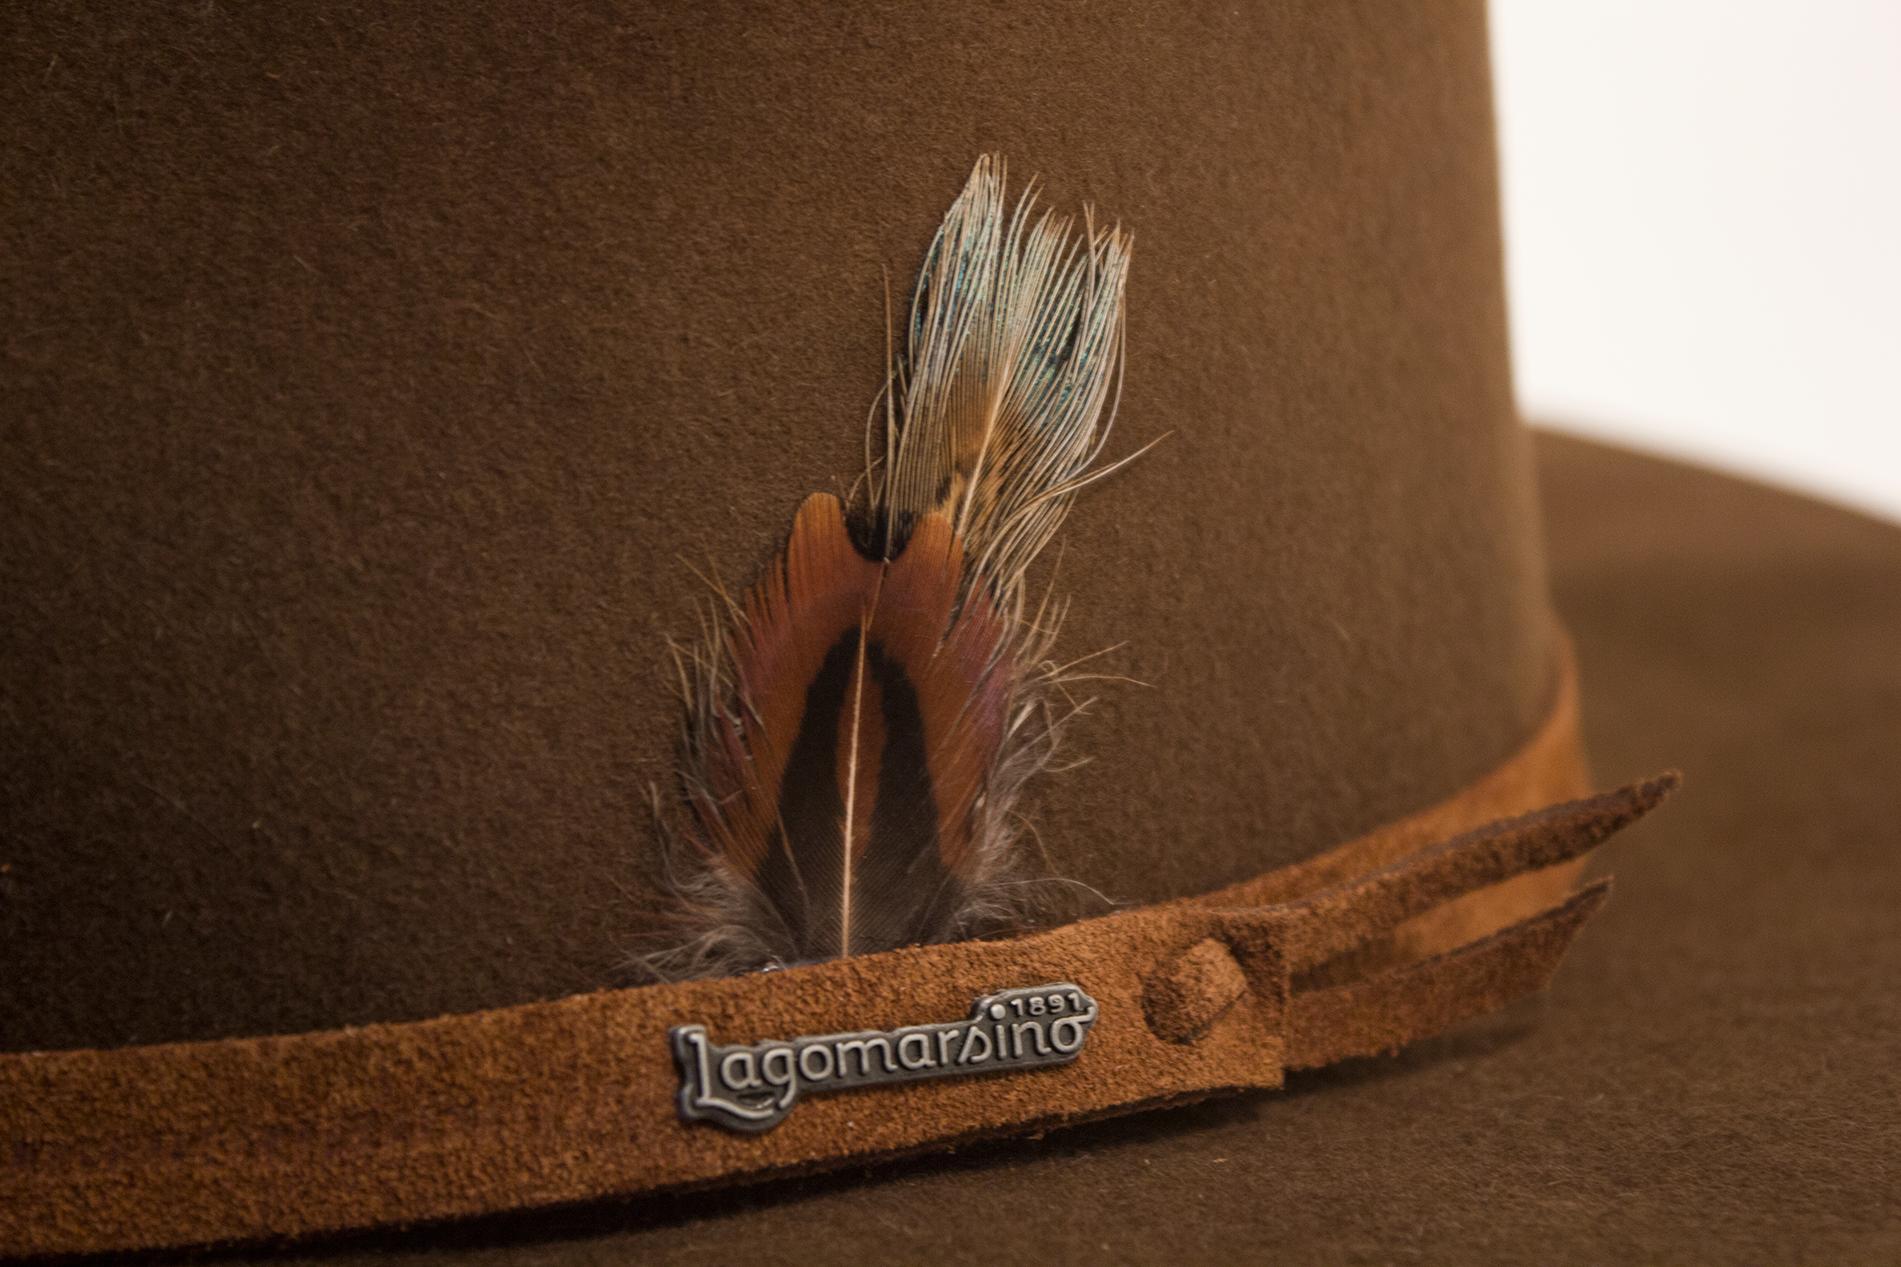 Lagomarsino - Fábrica de Sombreros e Indumentaria 7b50a69531e